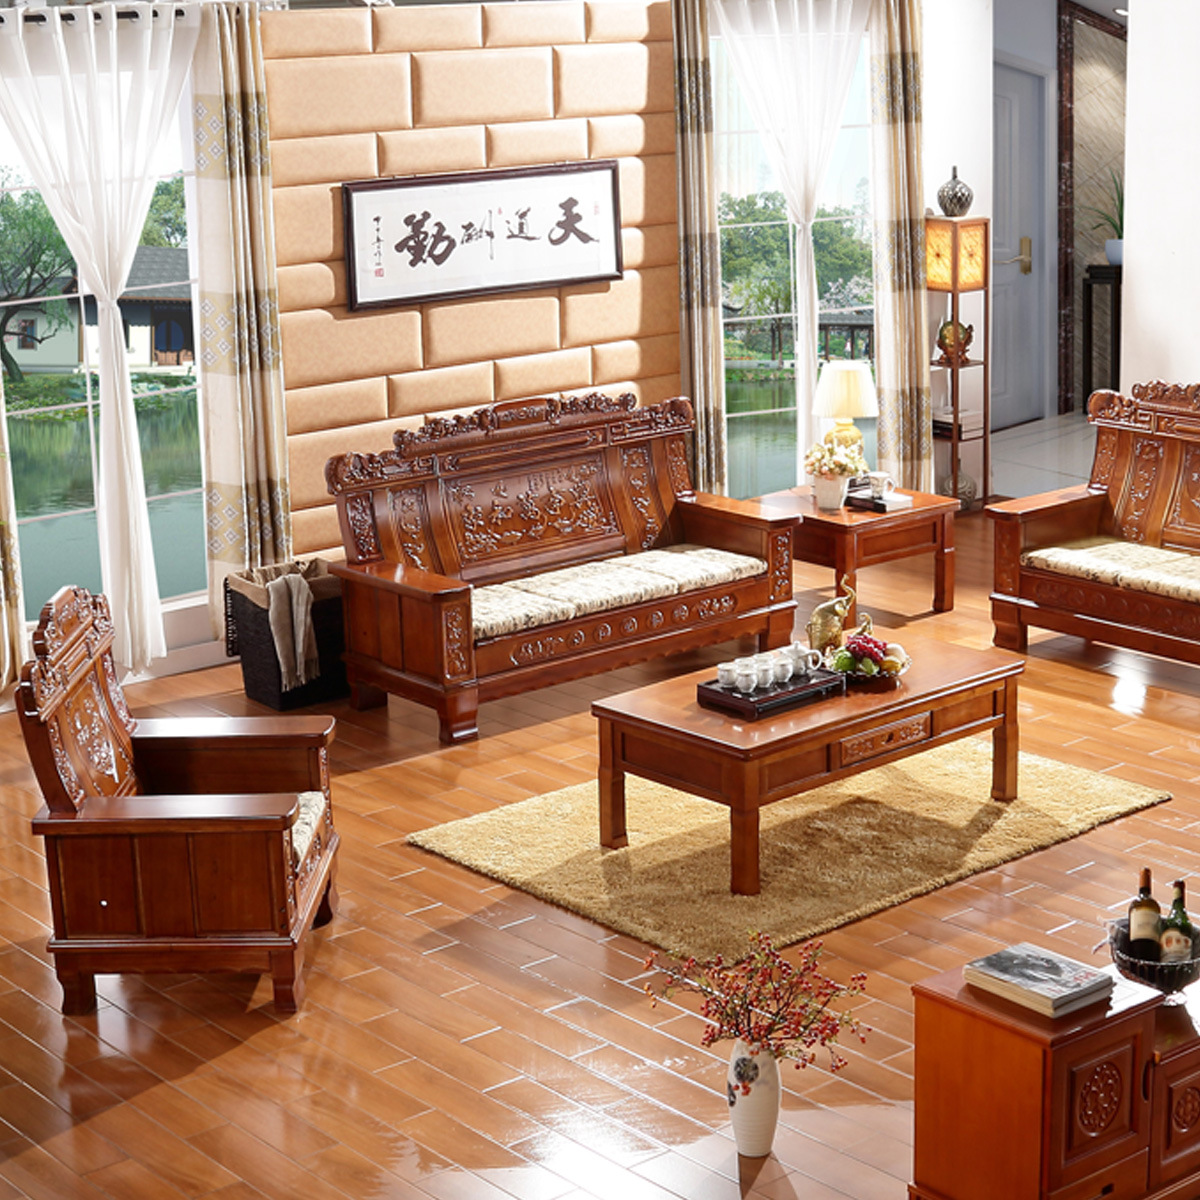 Bộ ghế sofa bằng gỗ rắn nguyên khối phong cách Trung Quốc .